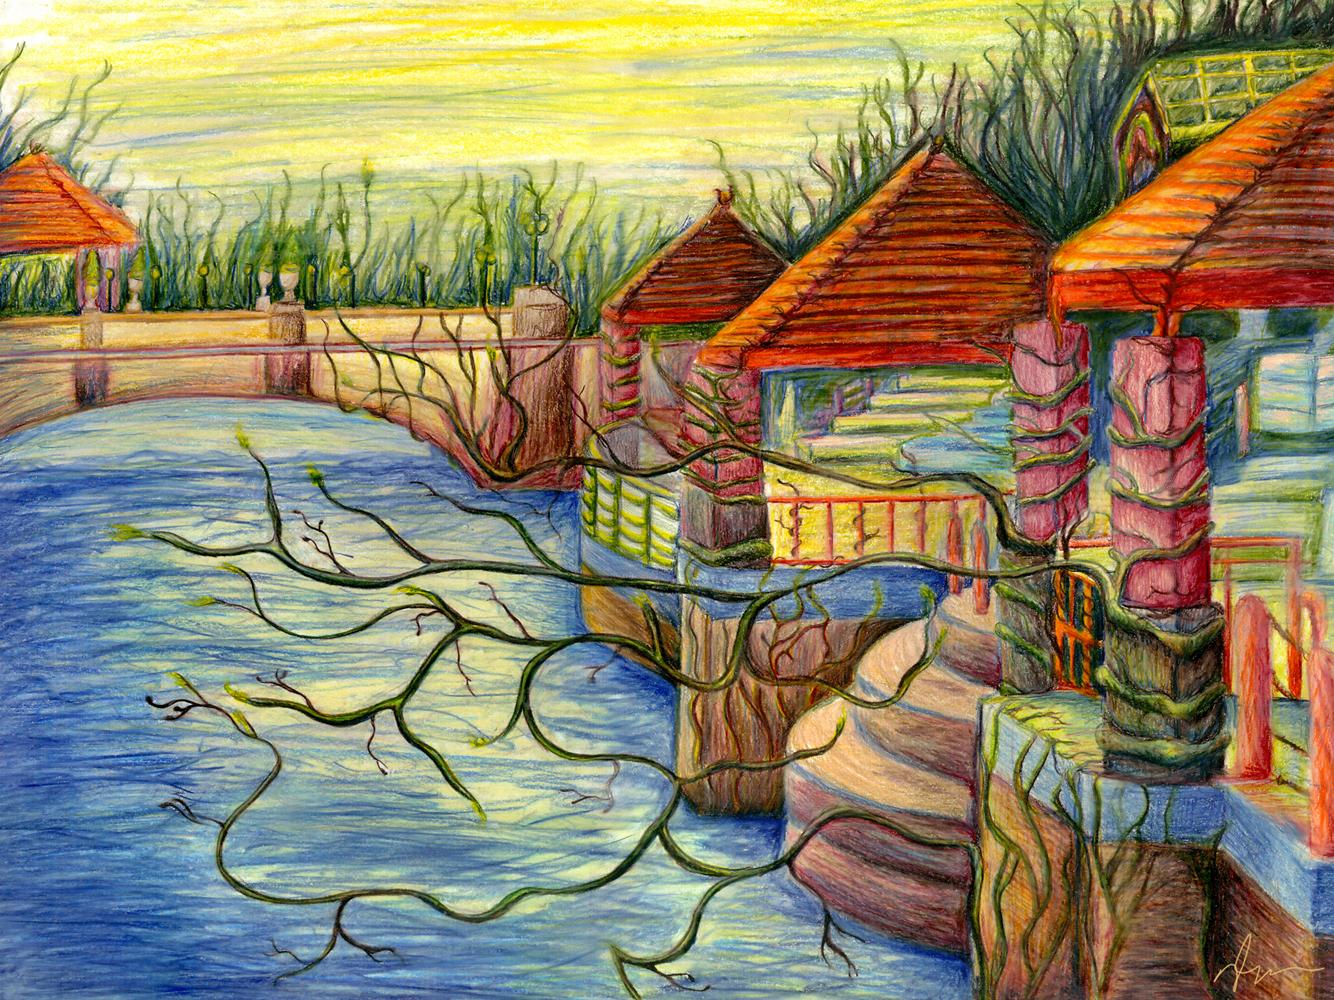 Drawn scenery colored pencil Pulling In Nicole Colored Pencil